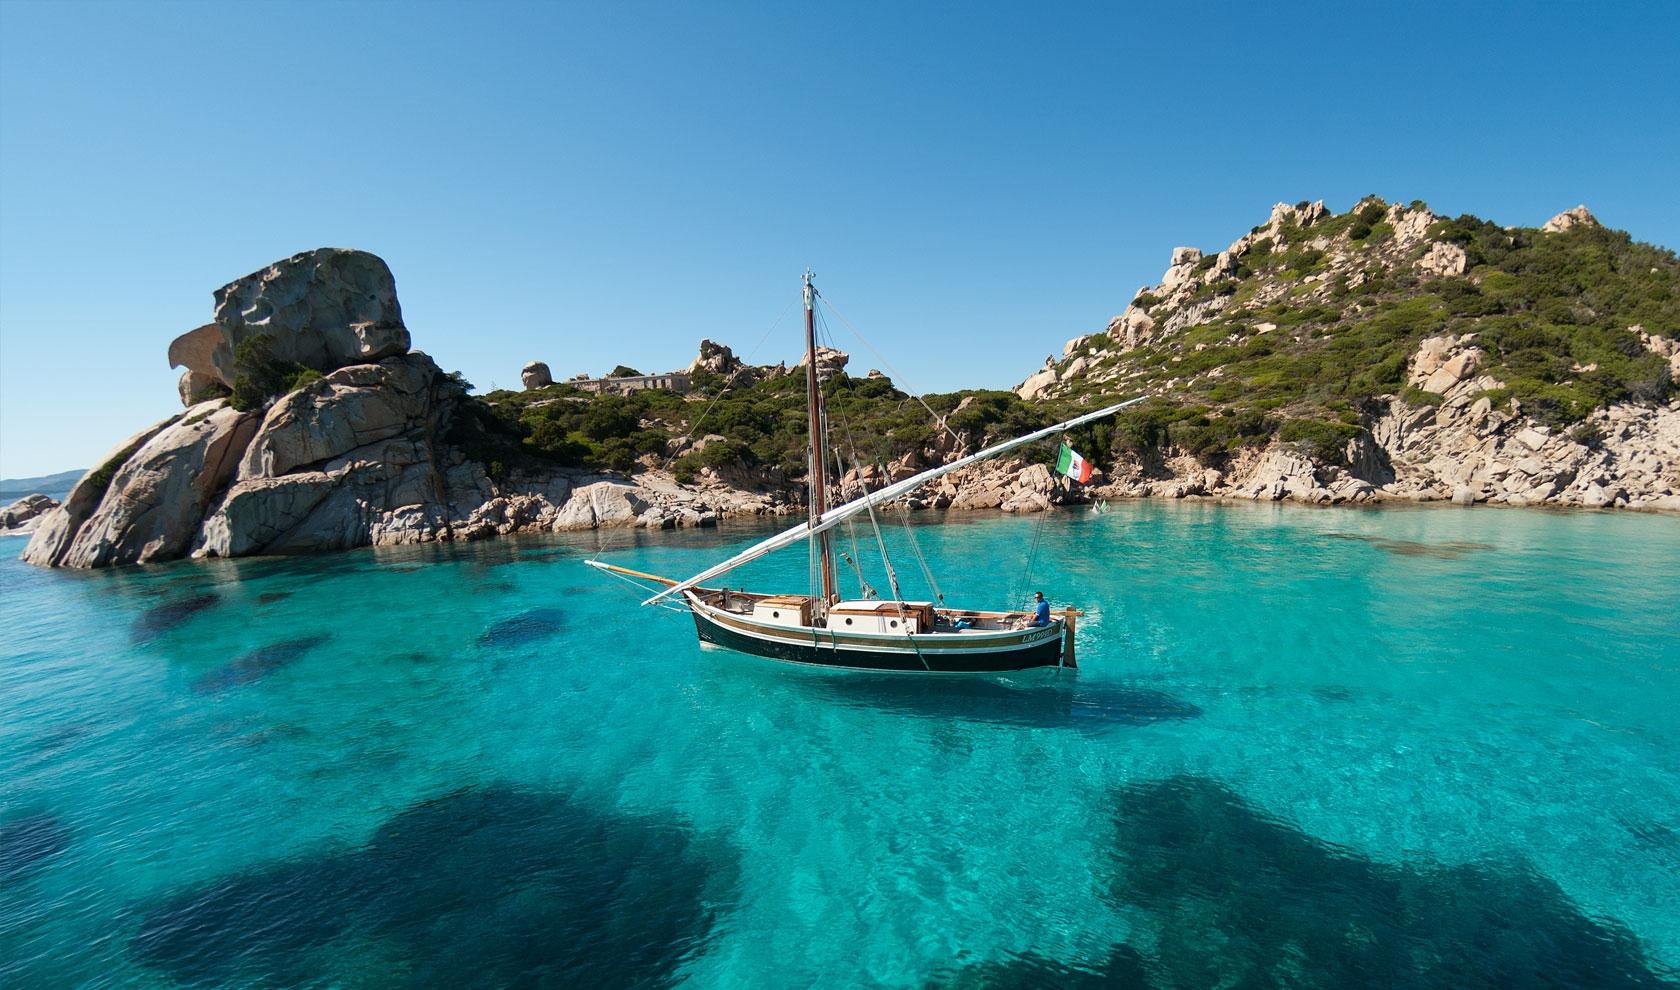 Escursioni e gite in barca a vela verso le isole dell'arcipelago della maddalena - Sardegna